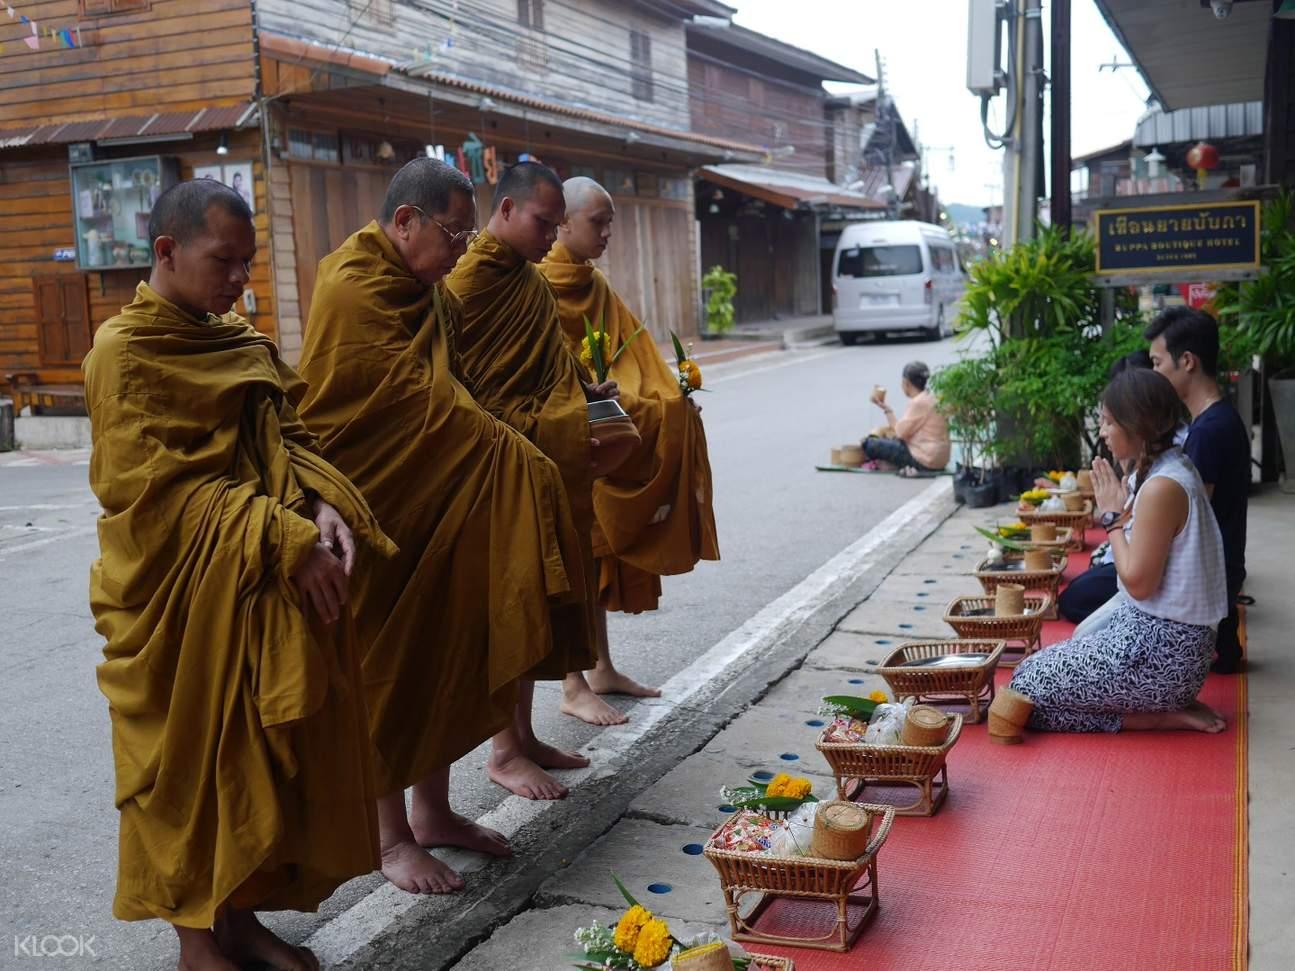 和尚托钵化缘传统仪式